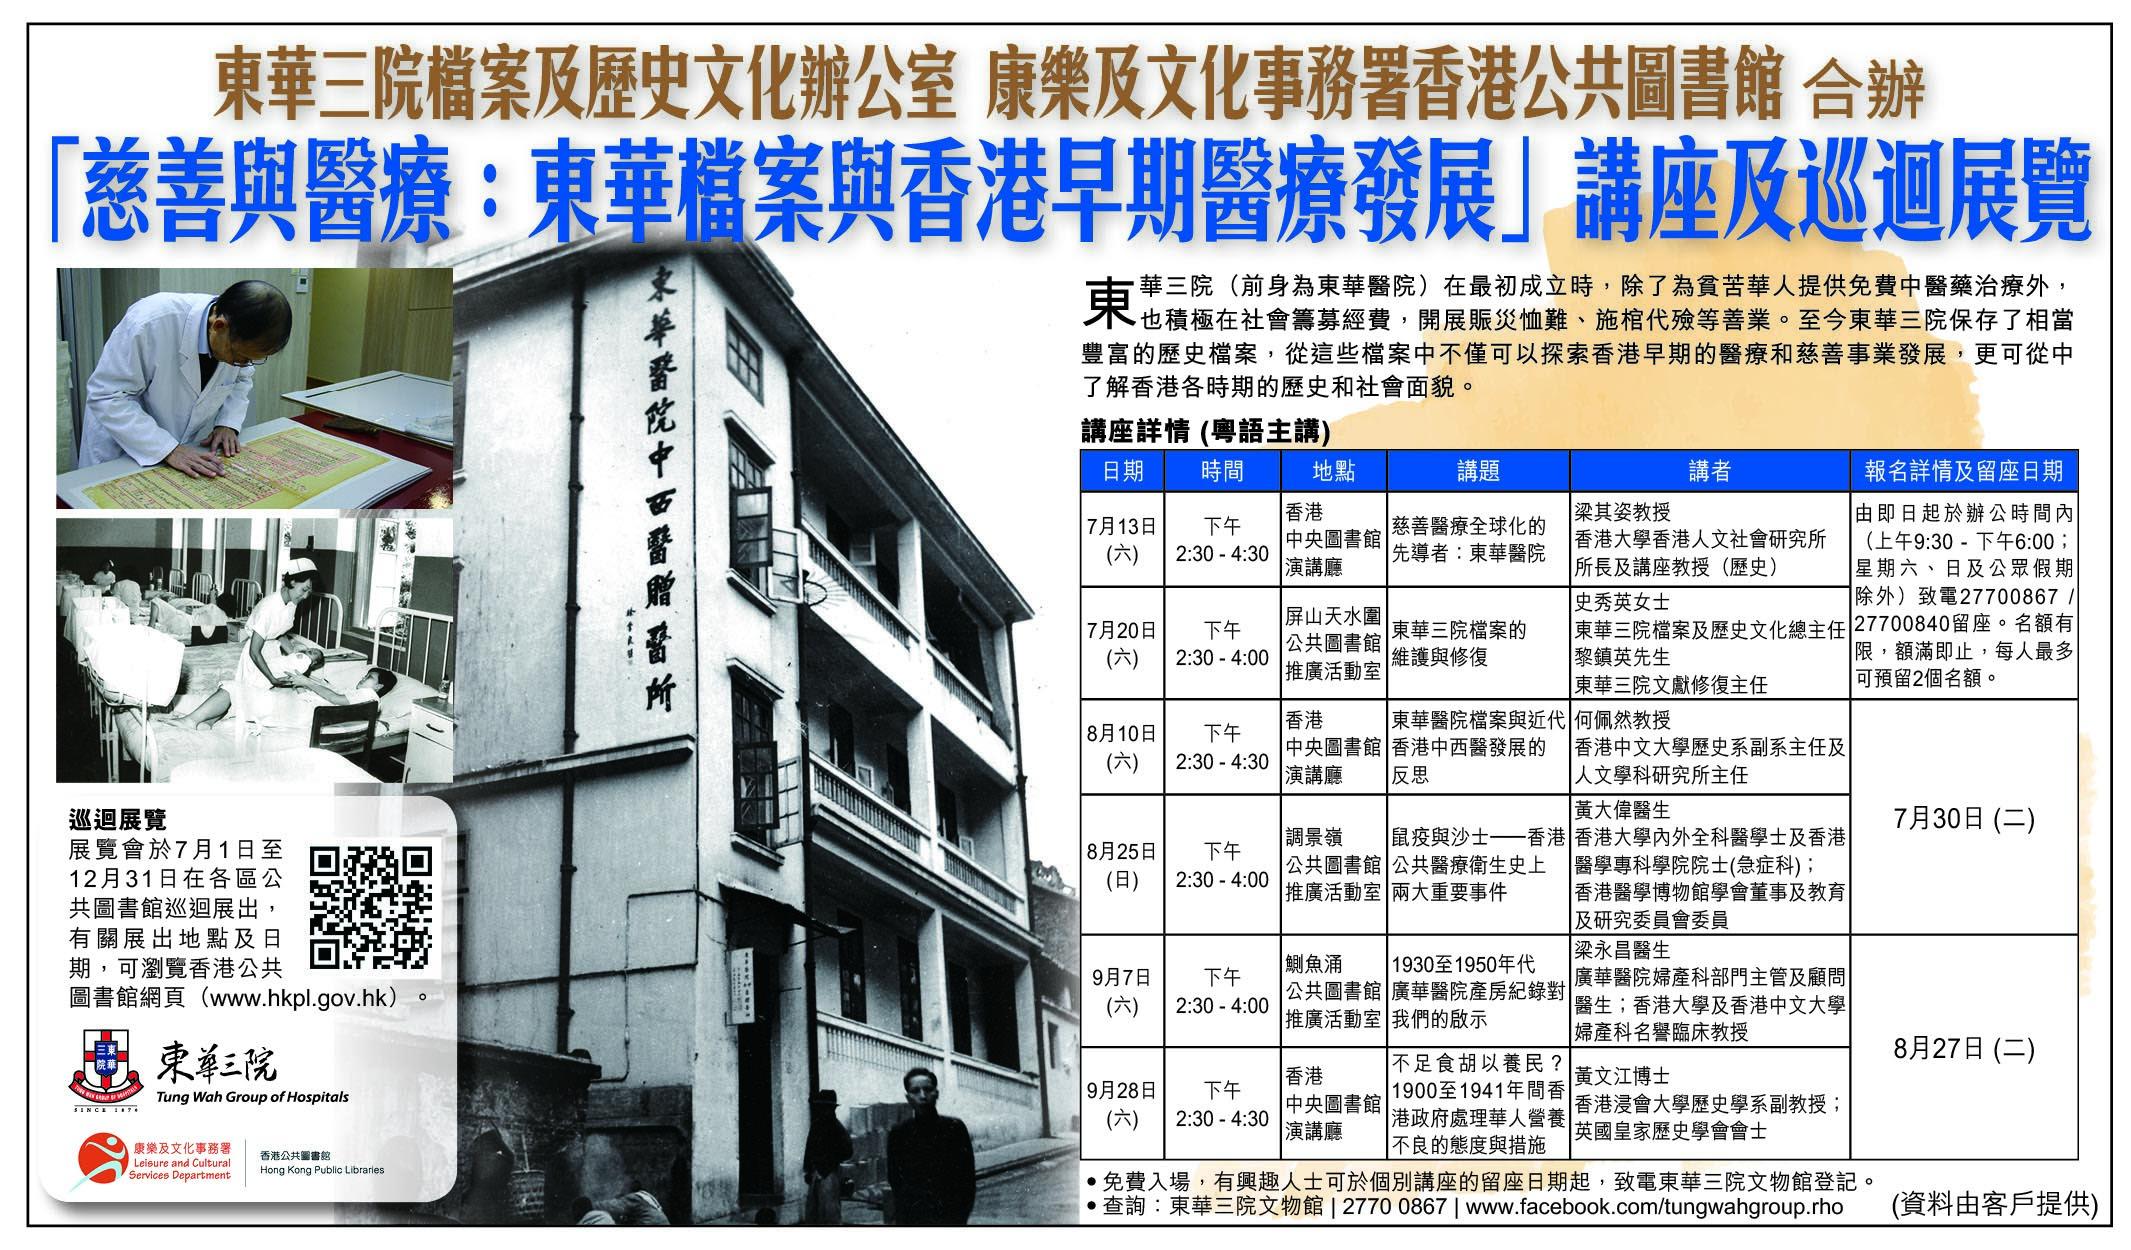 「慈善与医疗:东华档案与香港早期医疗发展」讲座及巡回展览_AM730广告稿 (2019.7.2)